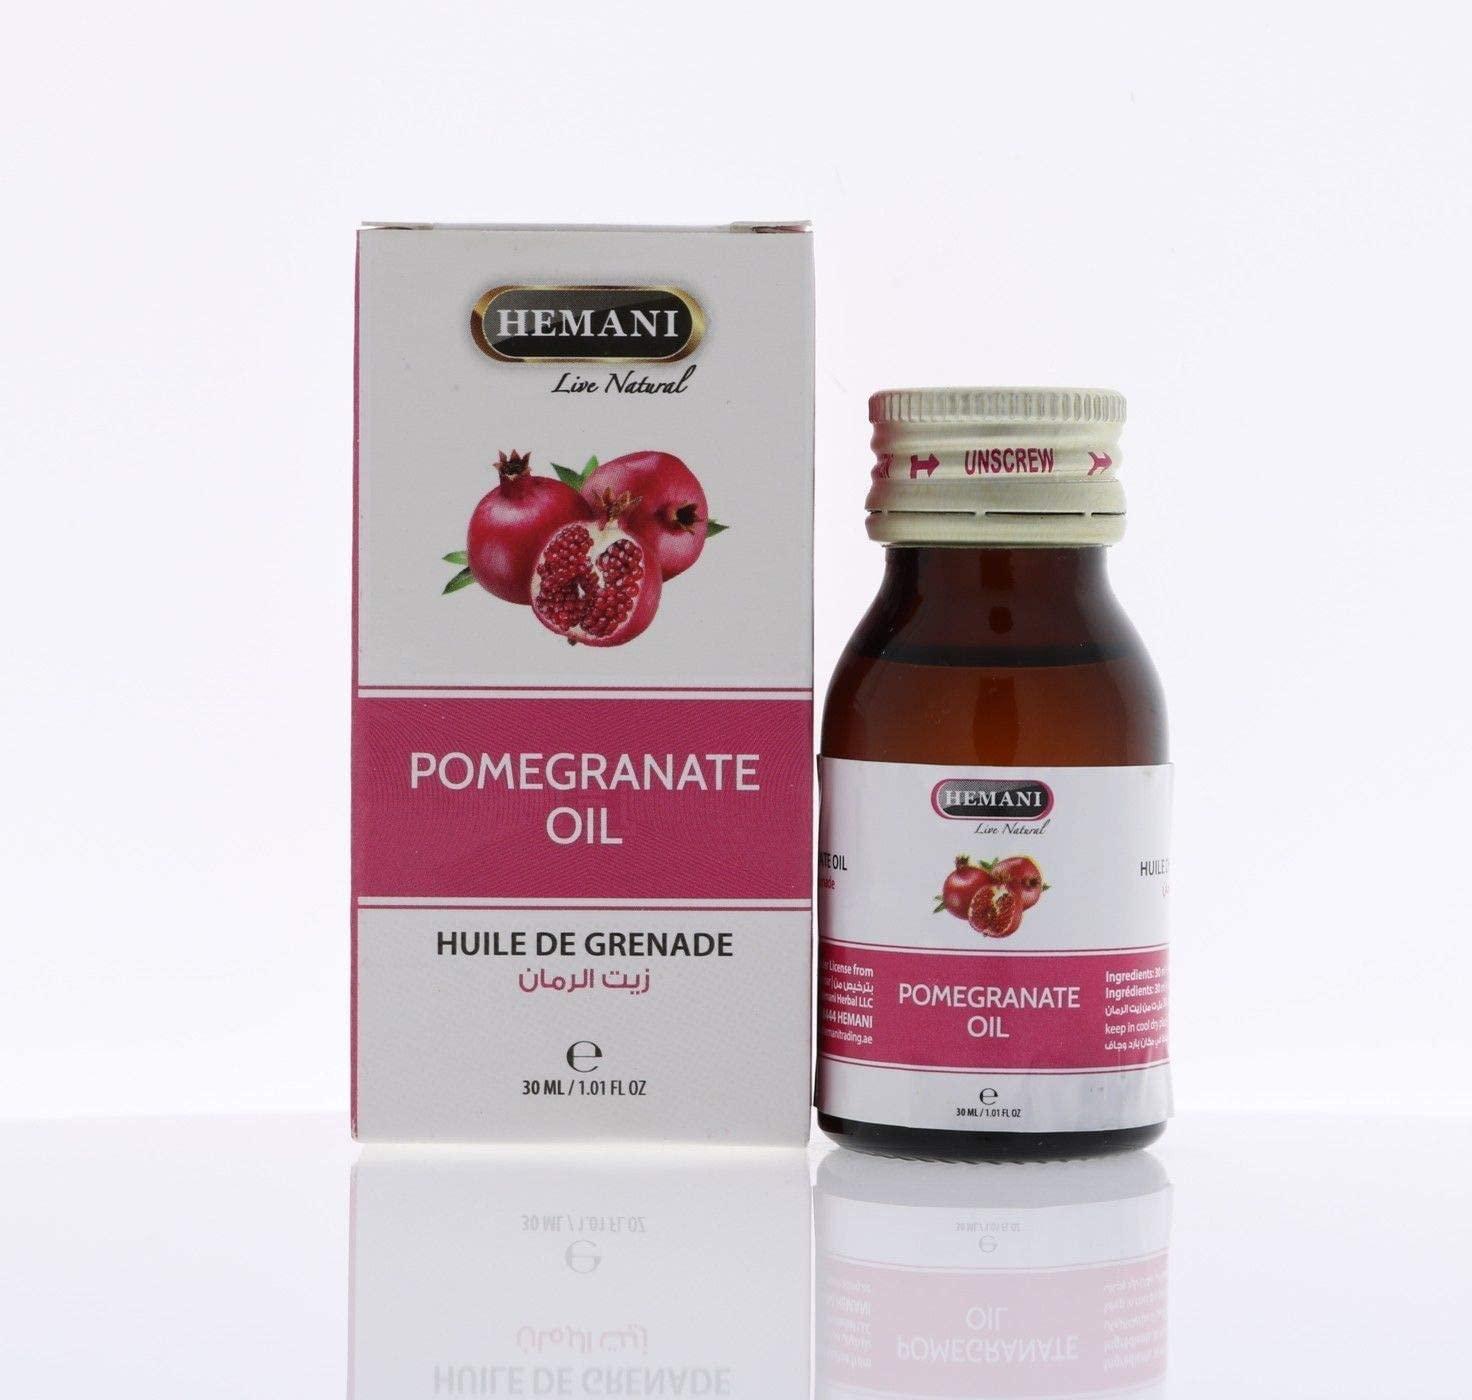 pomergrante oil